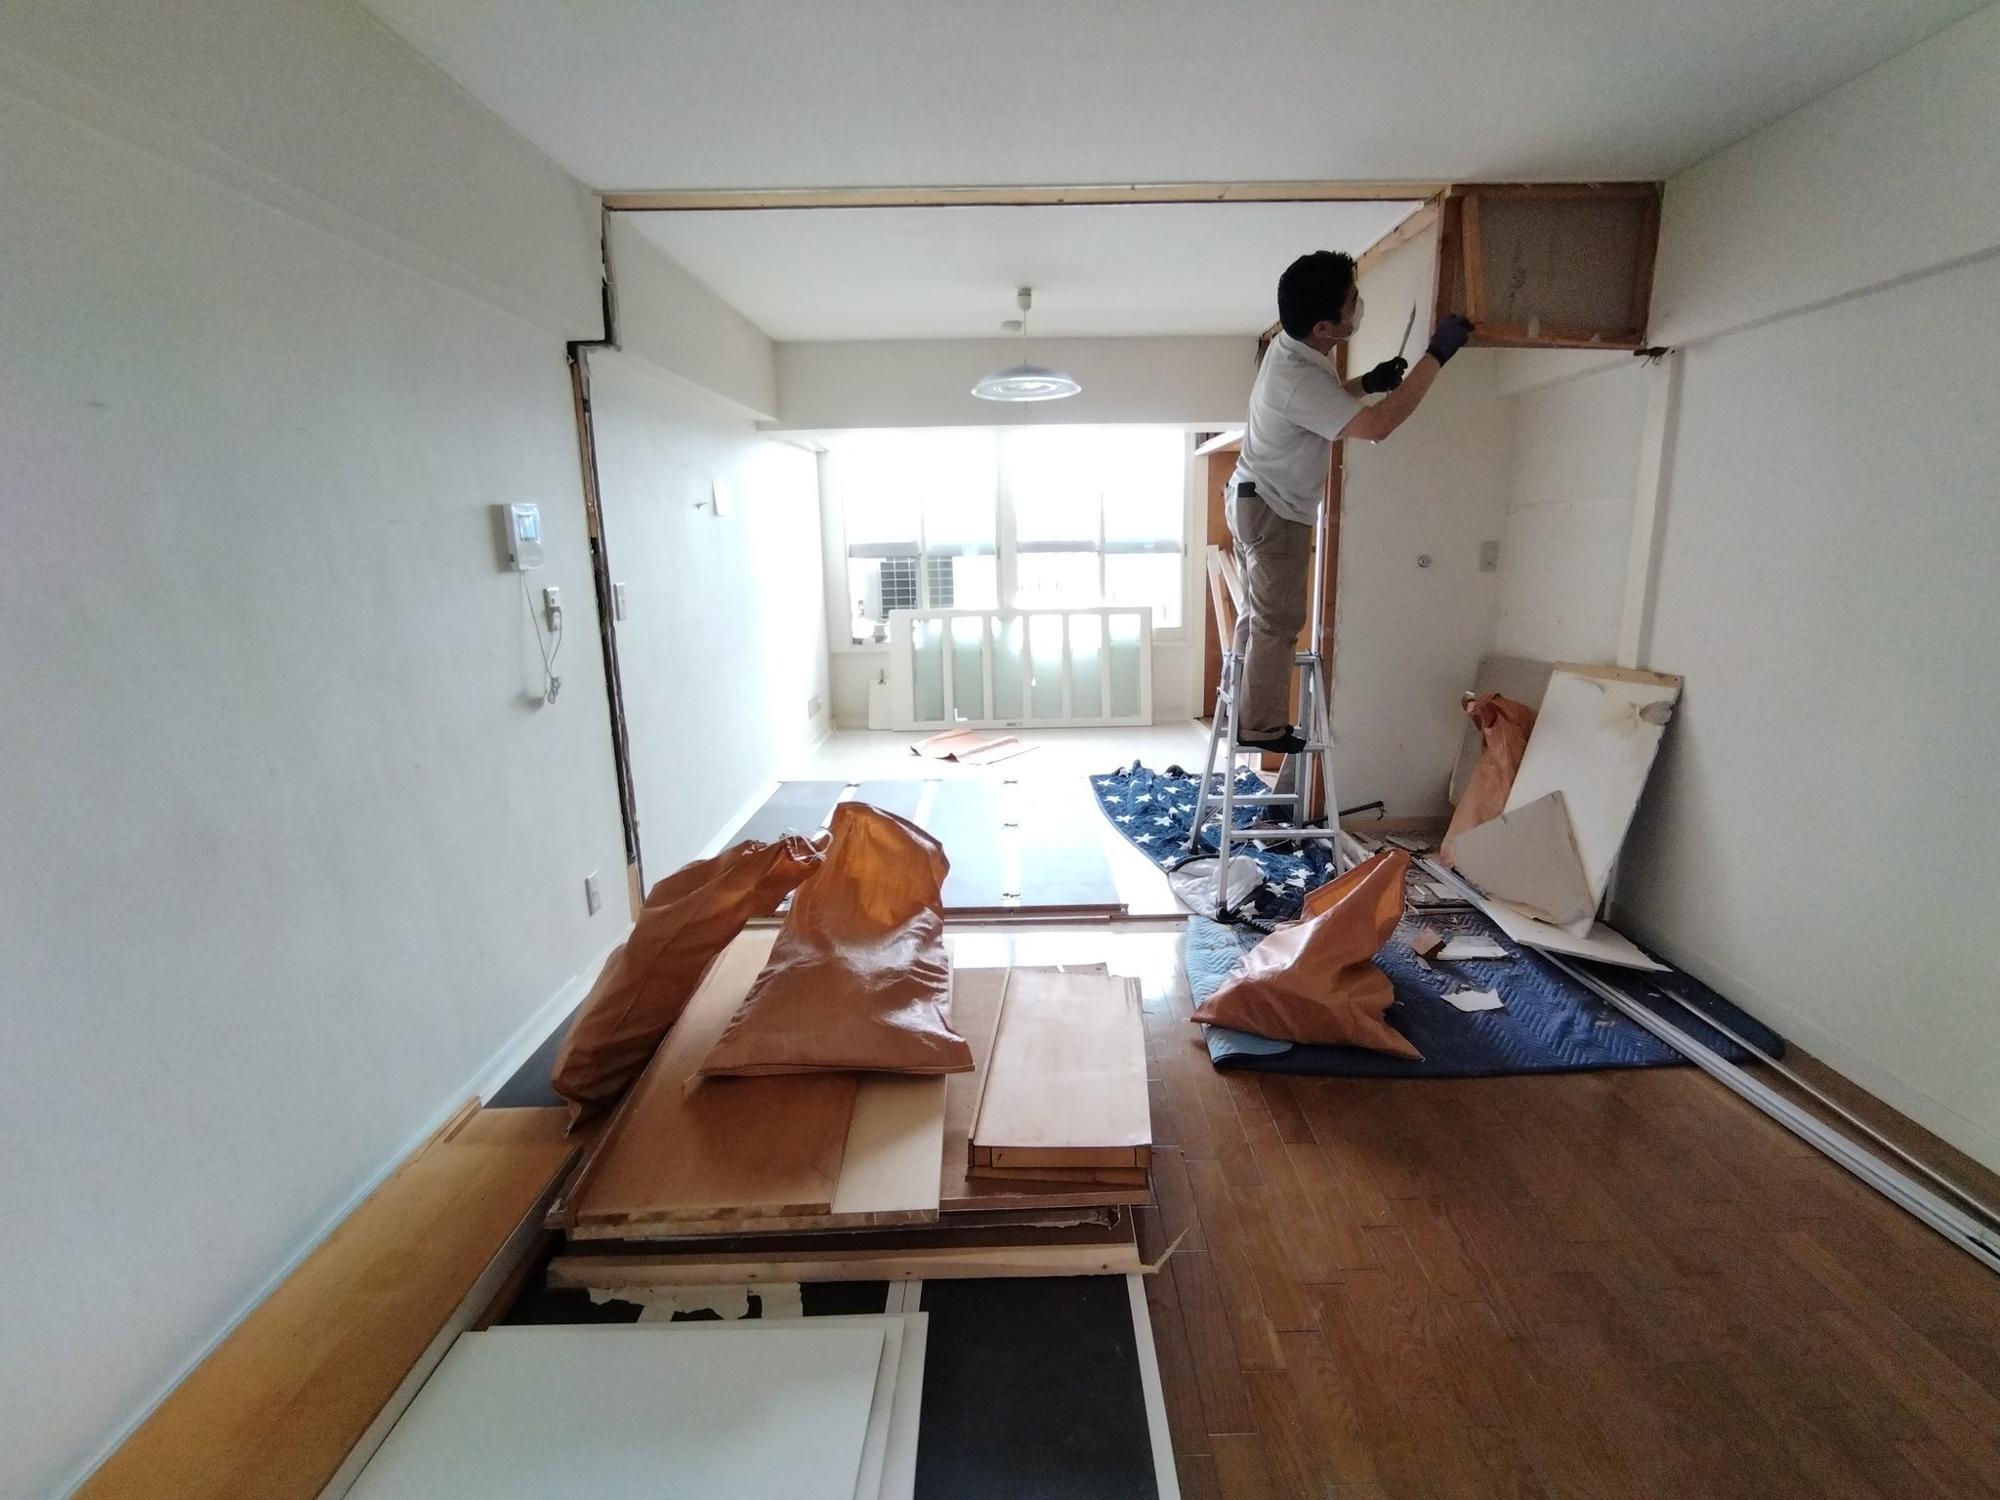 工期は3日。1日目に解体を済ませ、2日目に廃材を撤去、3日目に床を補修してくれました。しかも見積もりよりちょっと安くなりました。